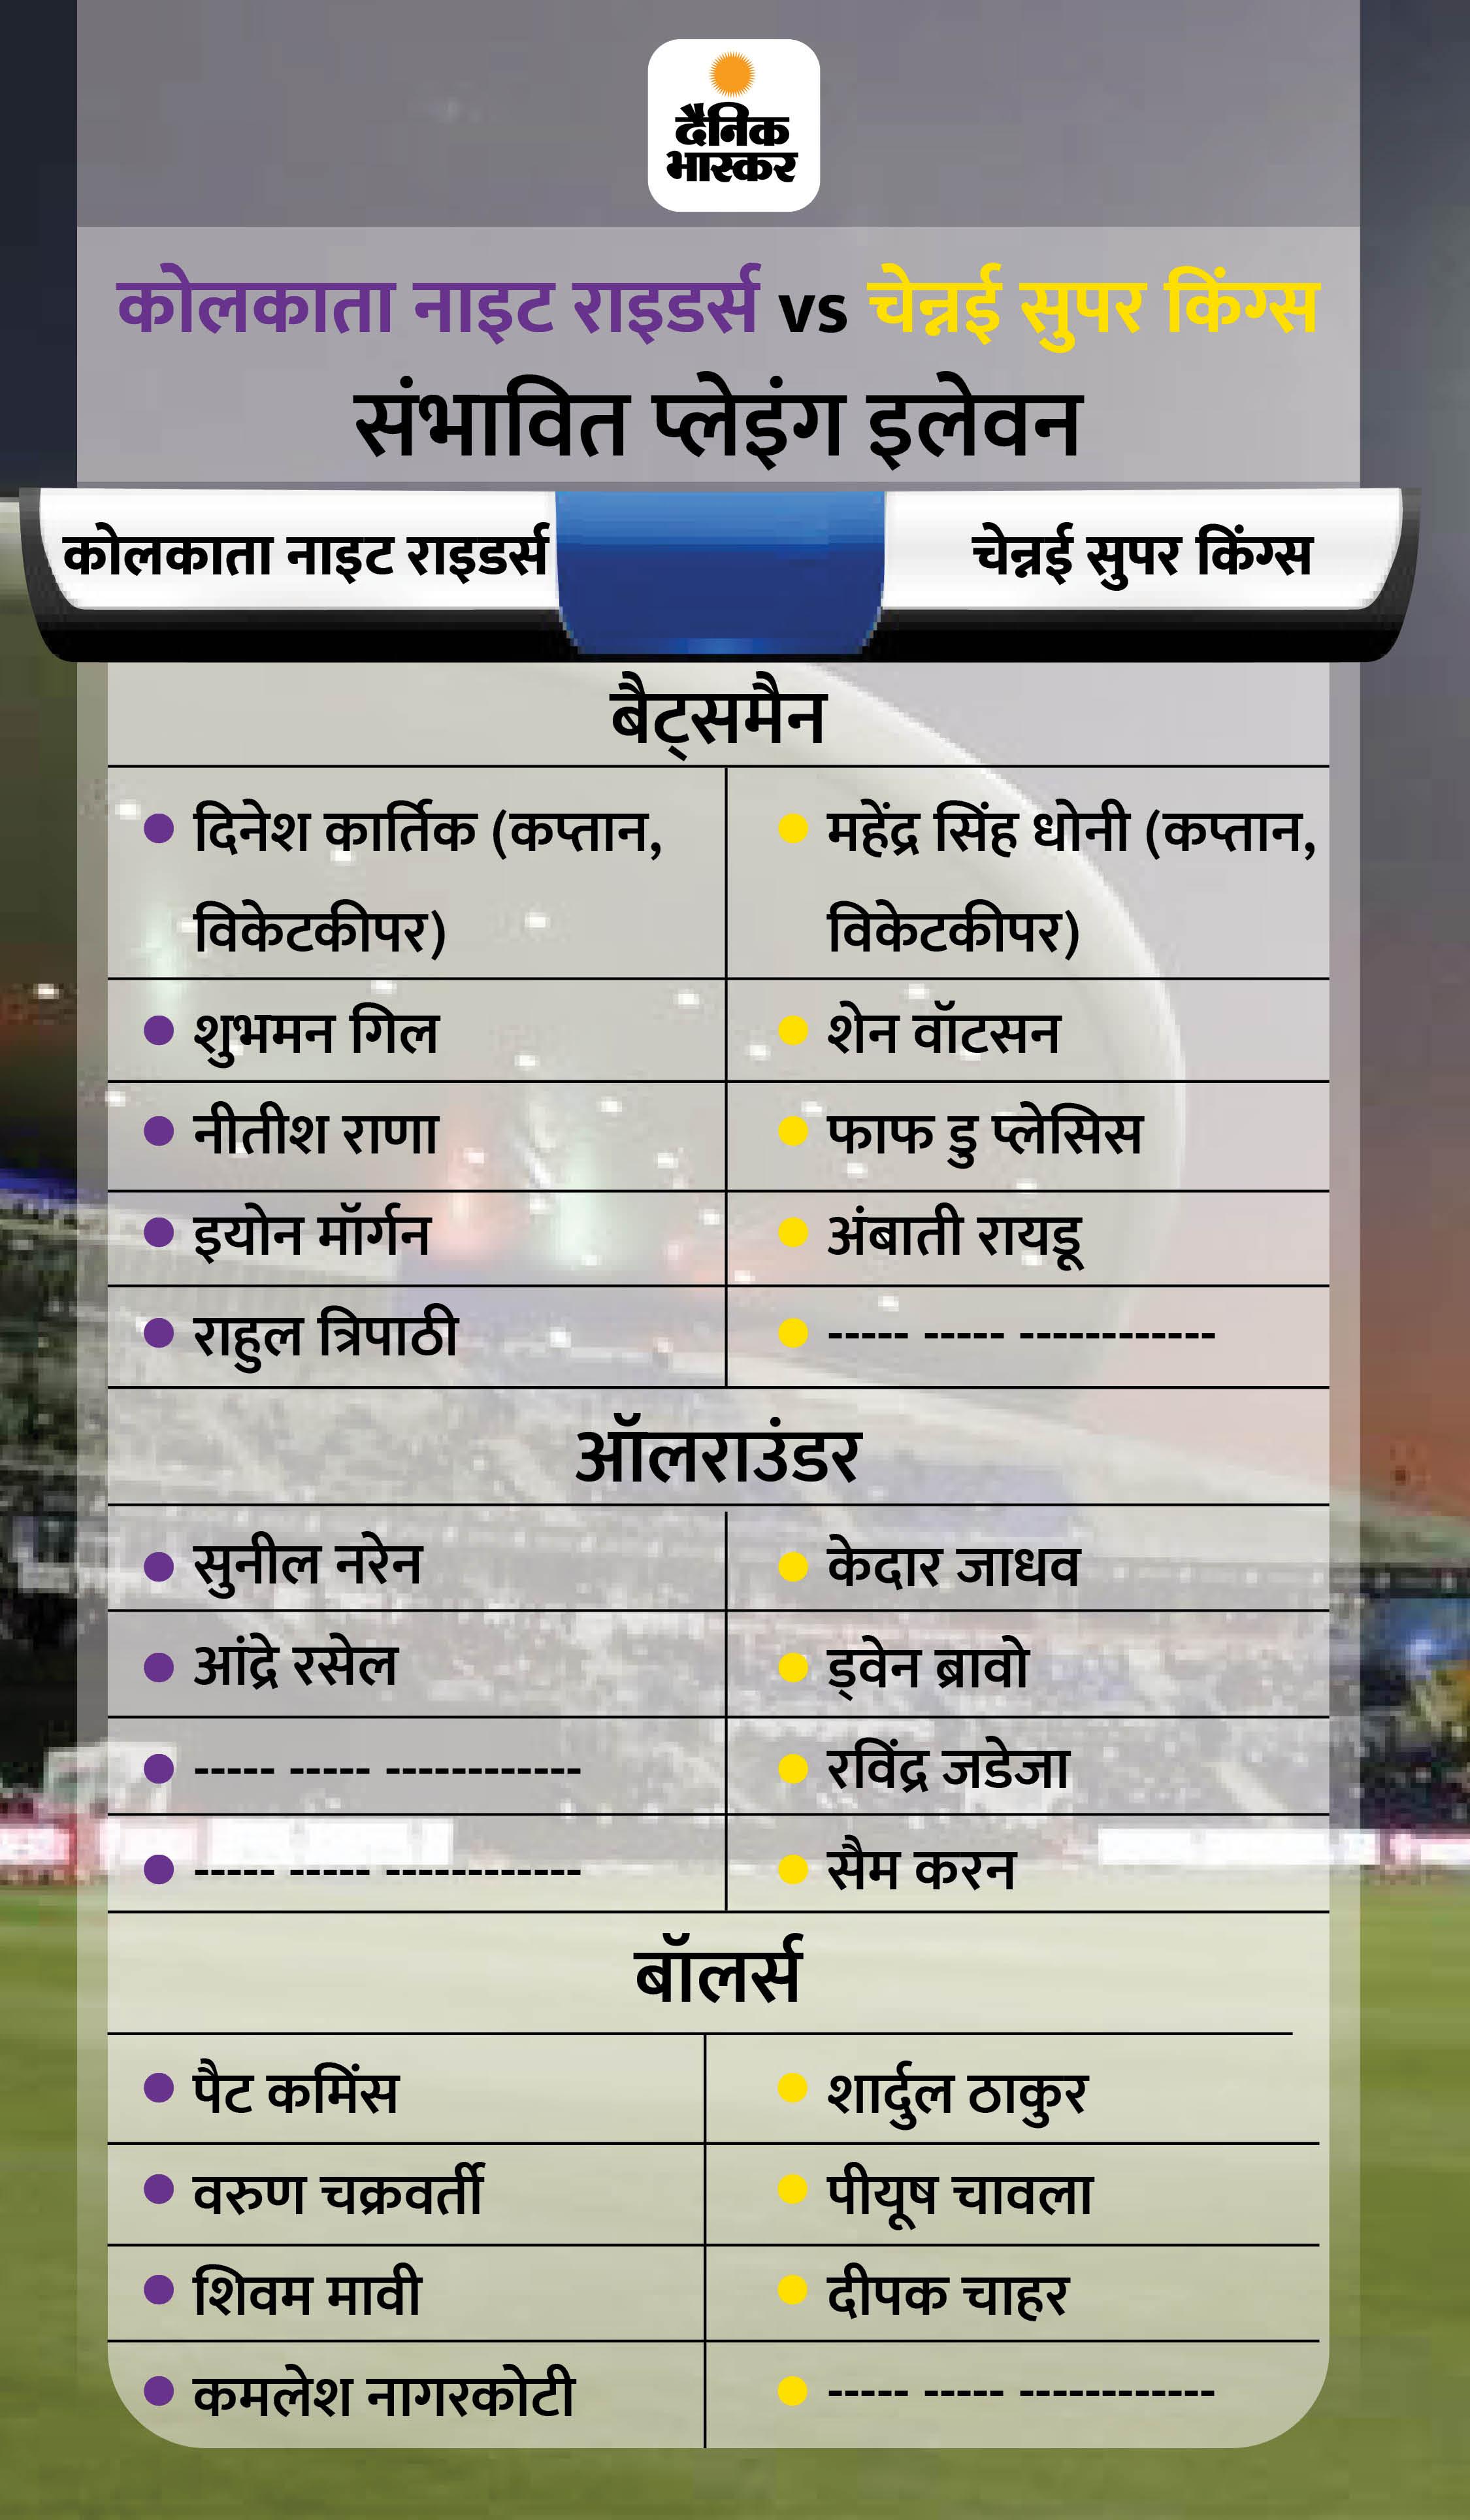 पॉइंट टेबल में अपनी पोजिशन सुधारने के लिए नाइट राइडर्स और सुपर किंग्स आमने-सामने; कोलकाता के खिलाफ पिछले 5 मुकाबलों में चेन्नई 3-2 से आगे